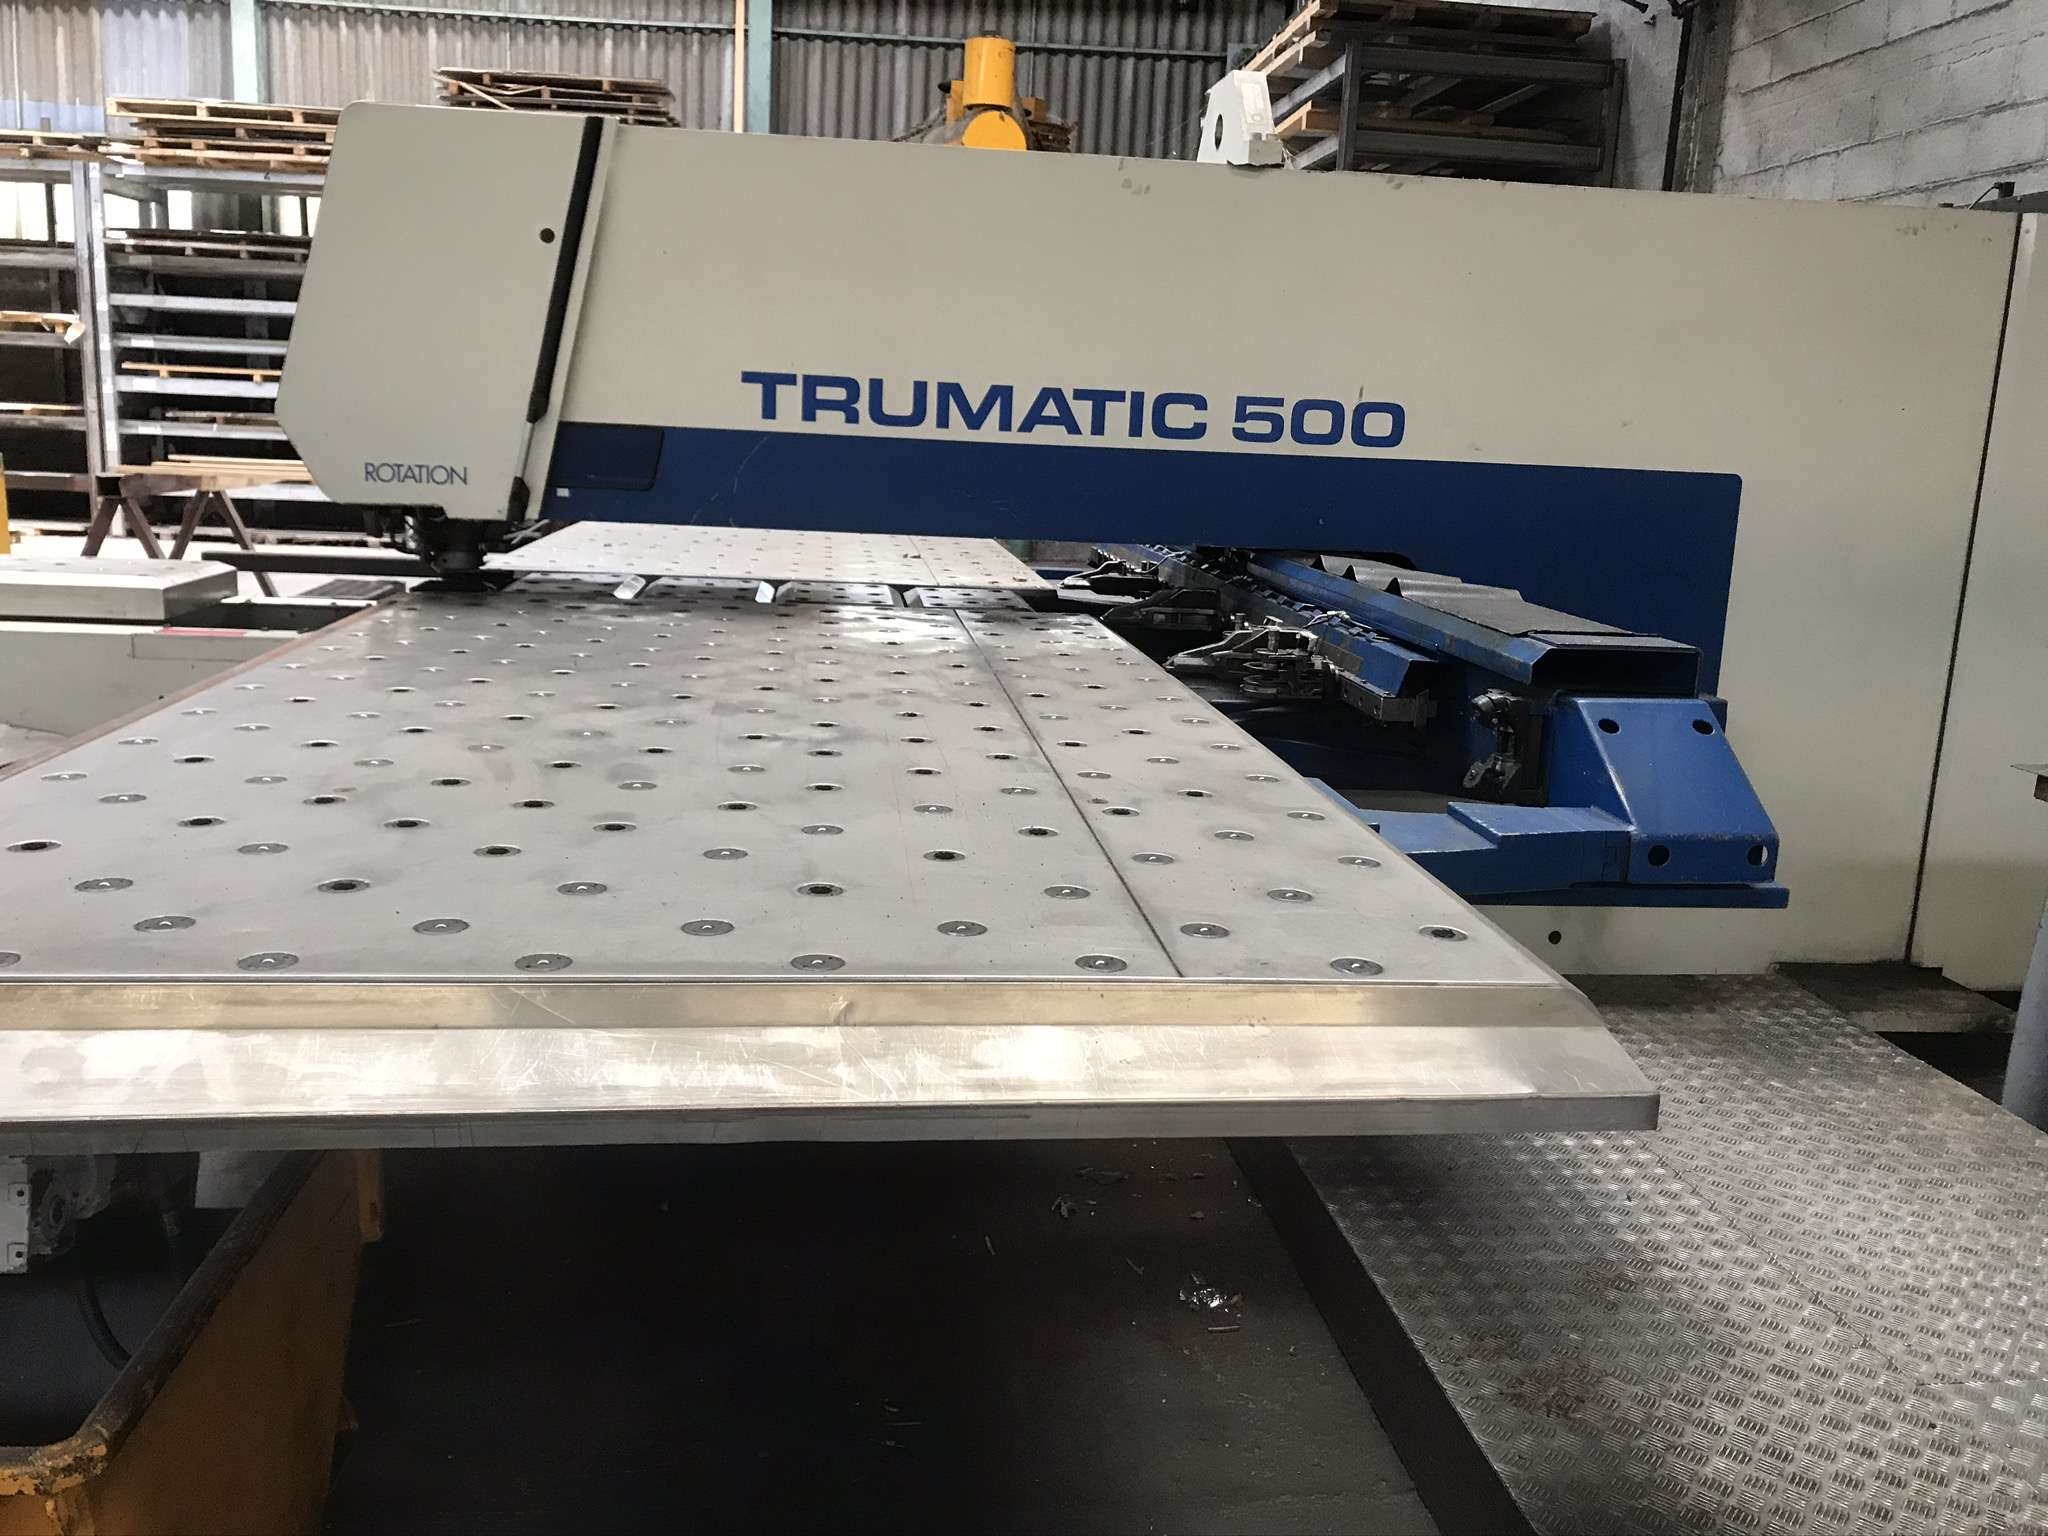 Stanzmaschine TRUMPF TRUMATIC 500 Bilder auf Industry-Pilot